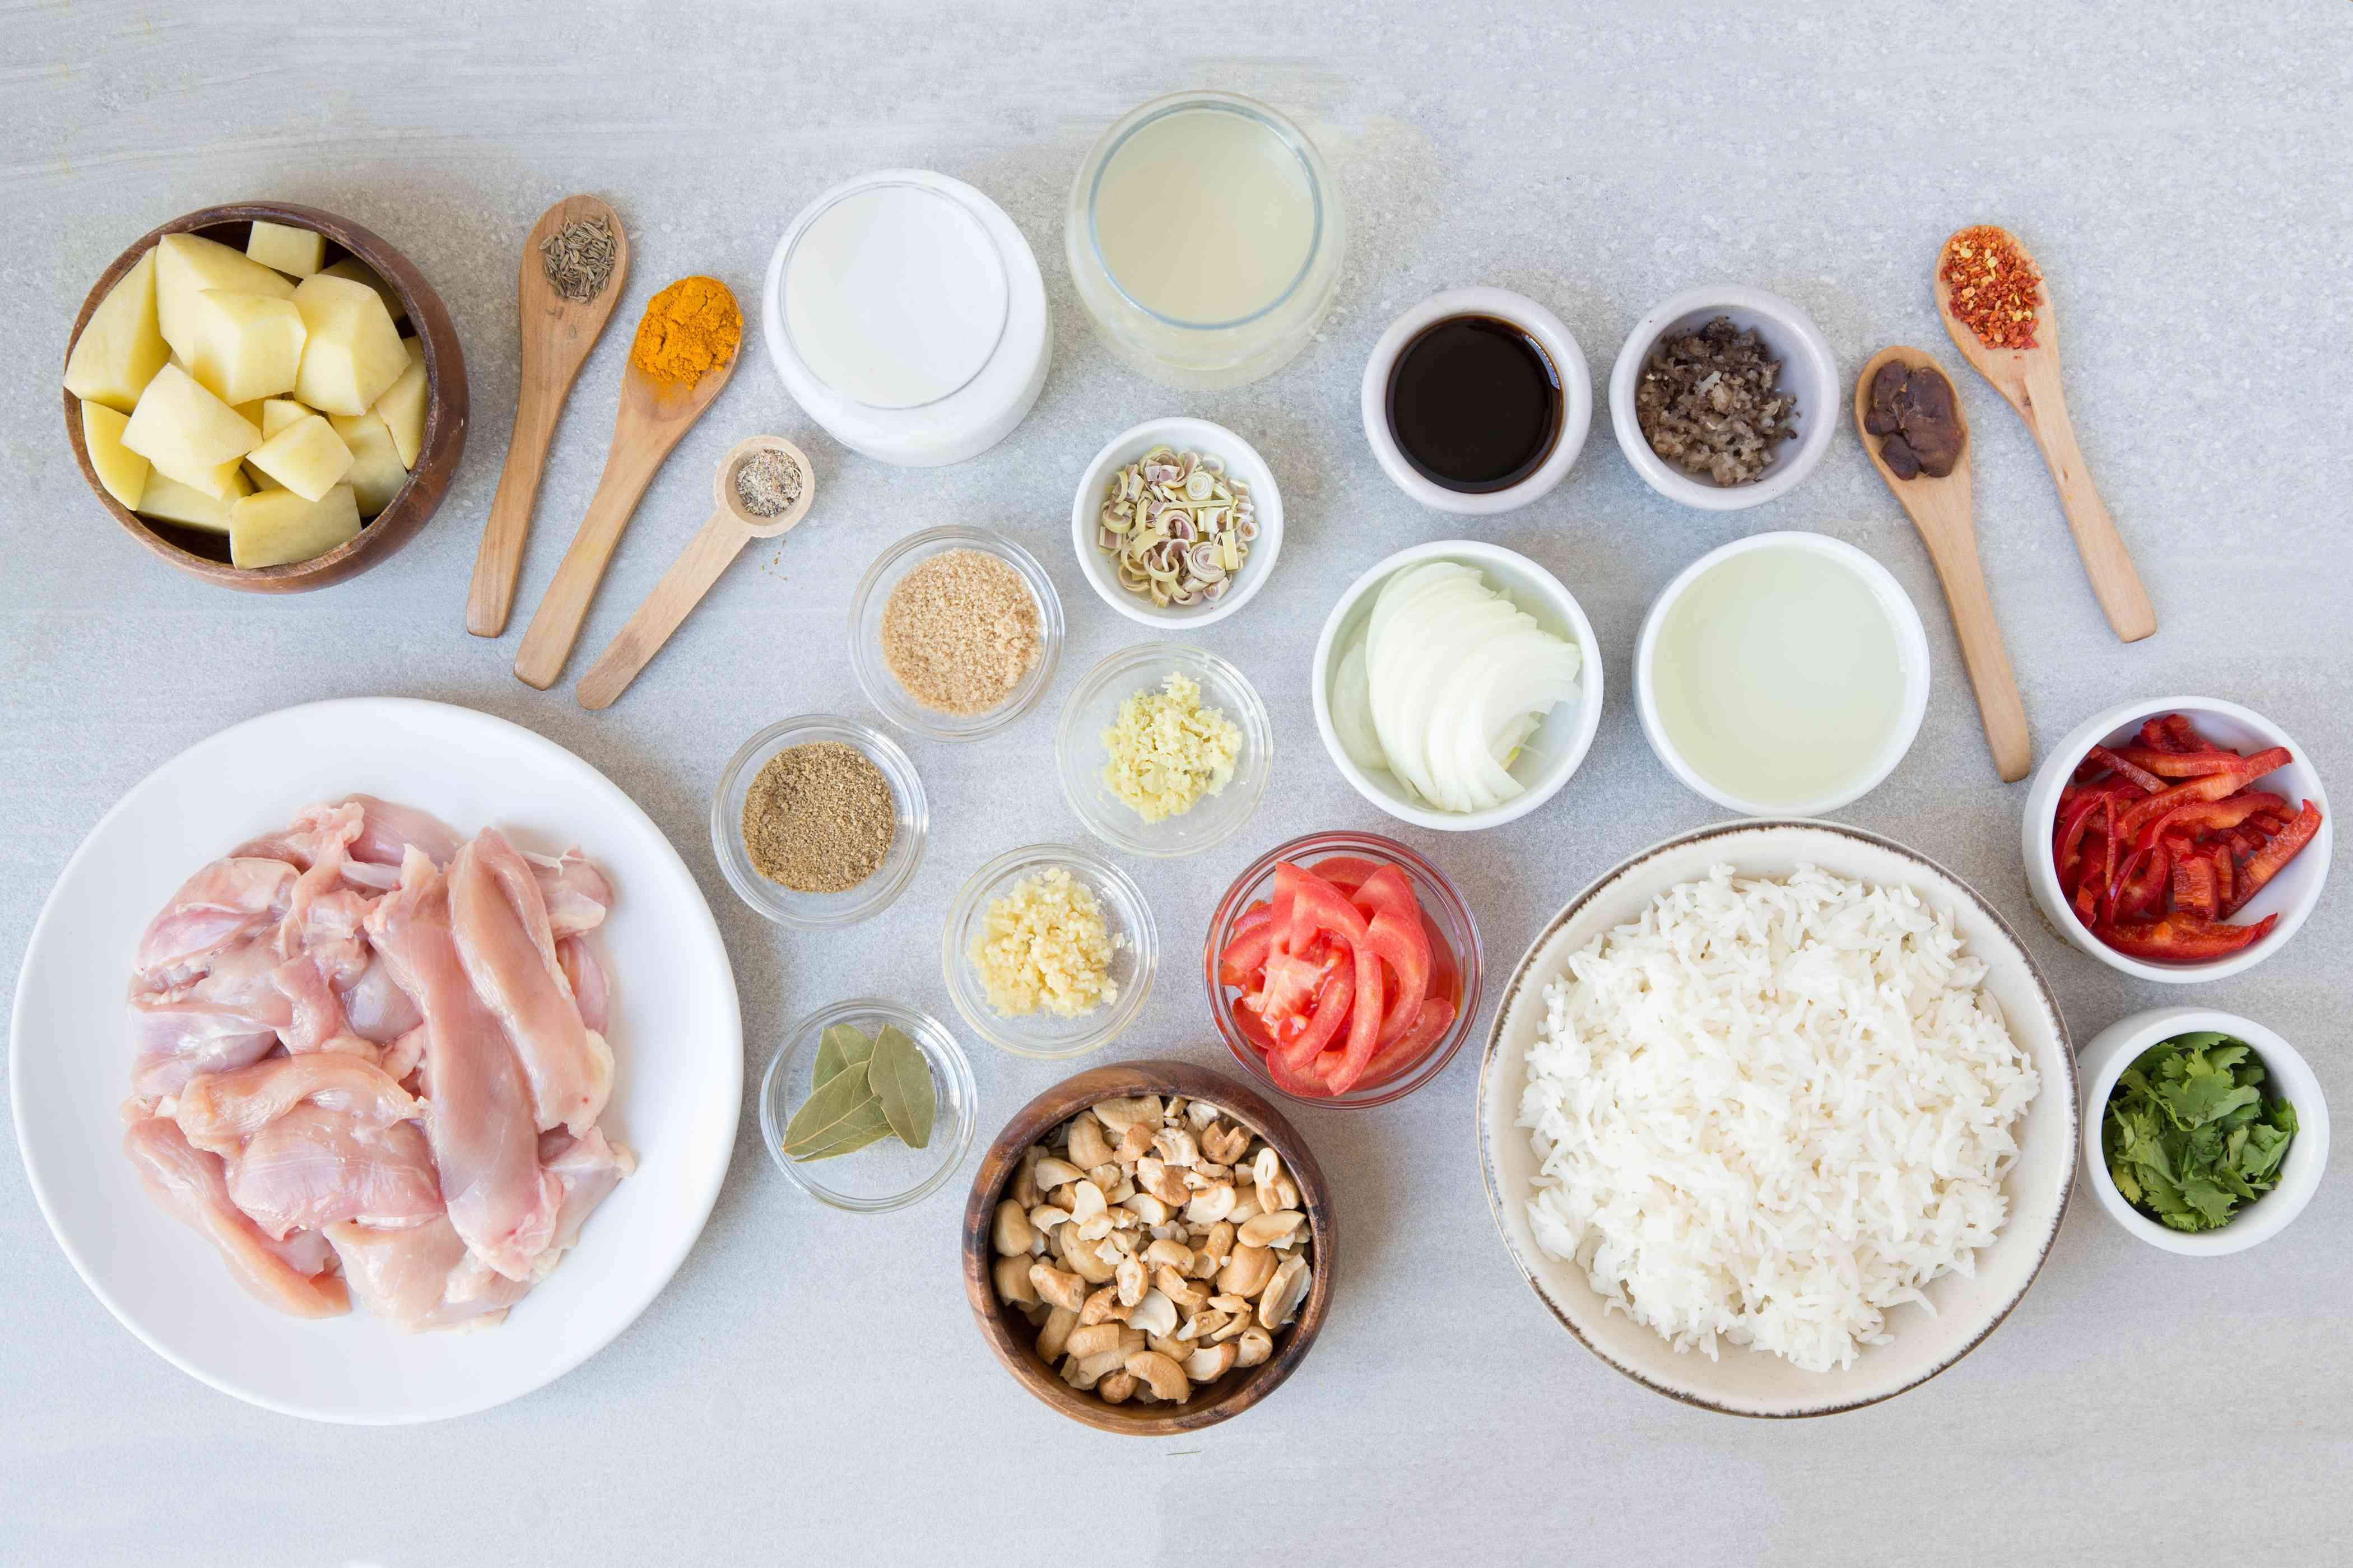 Ingredients to make Thai massaman chicken curry